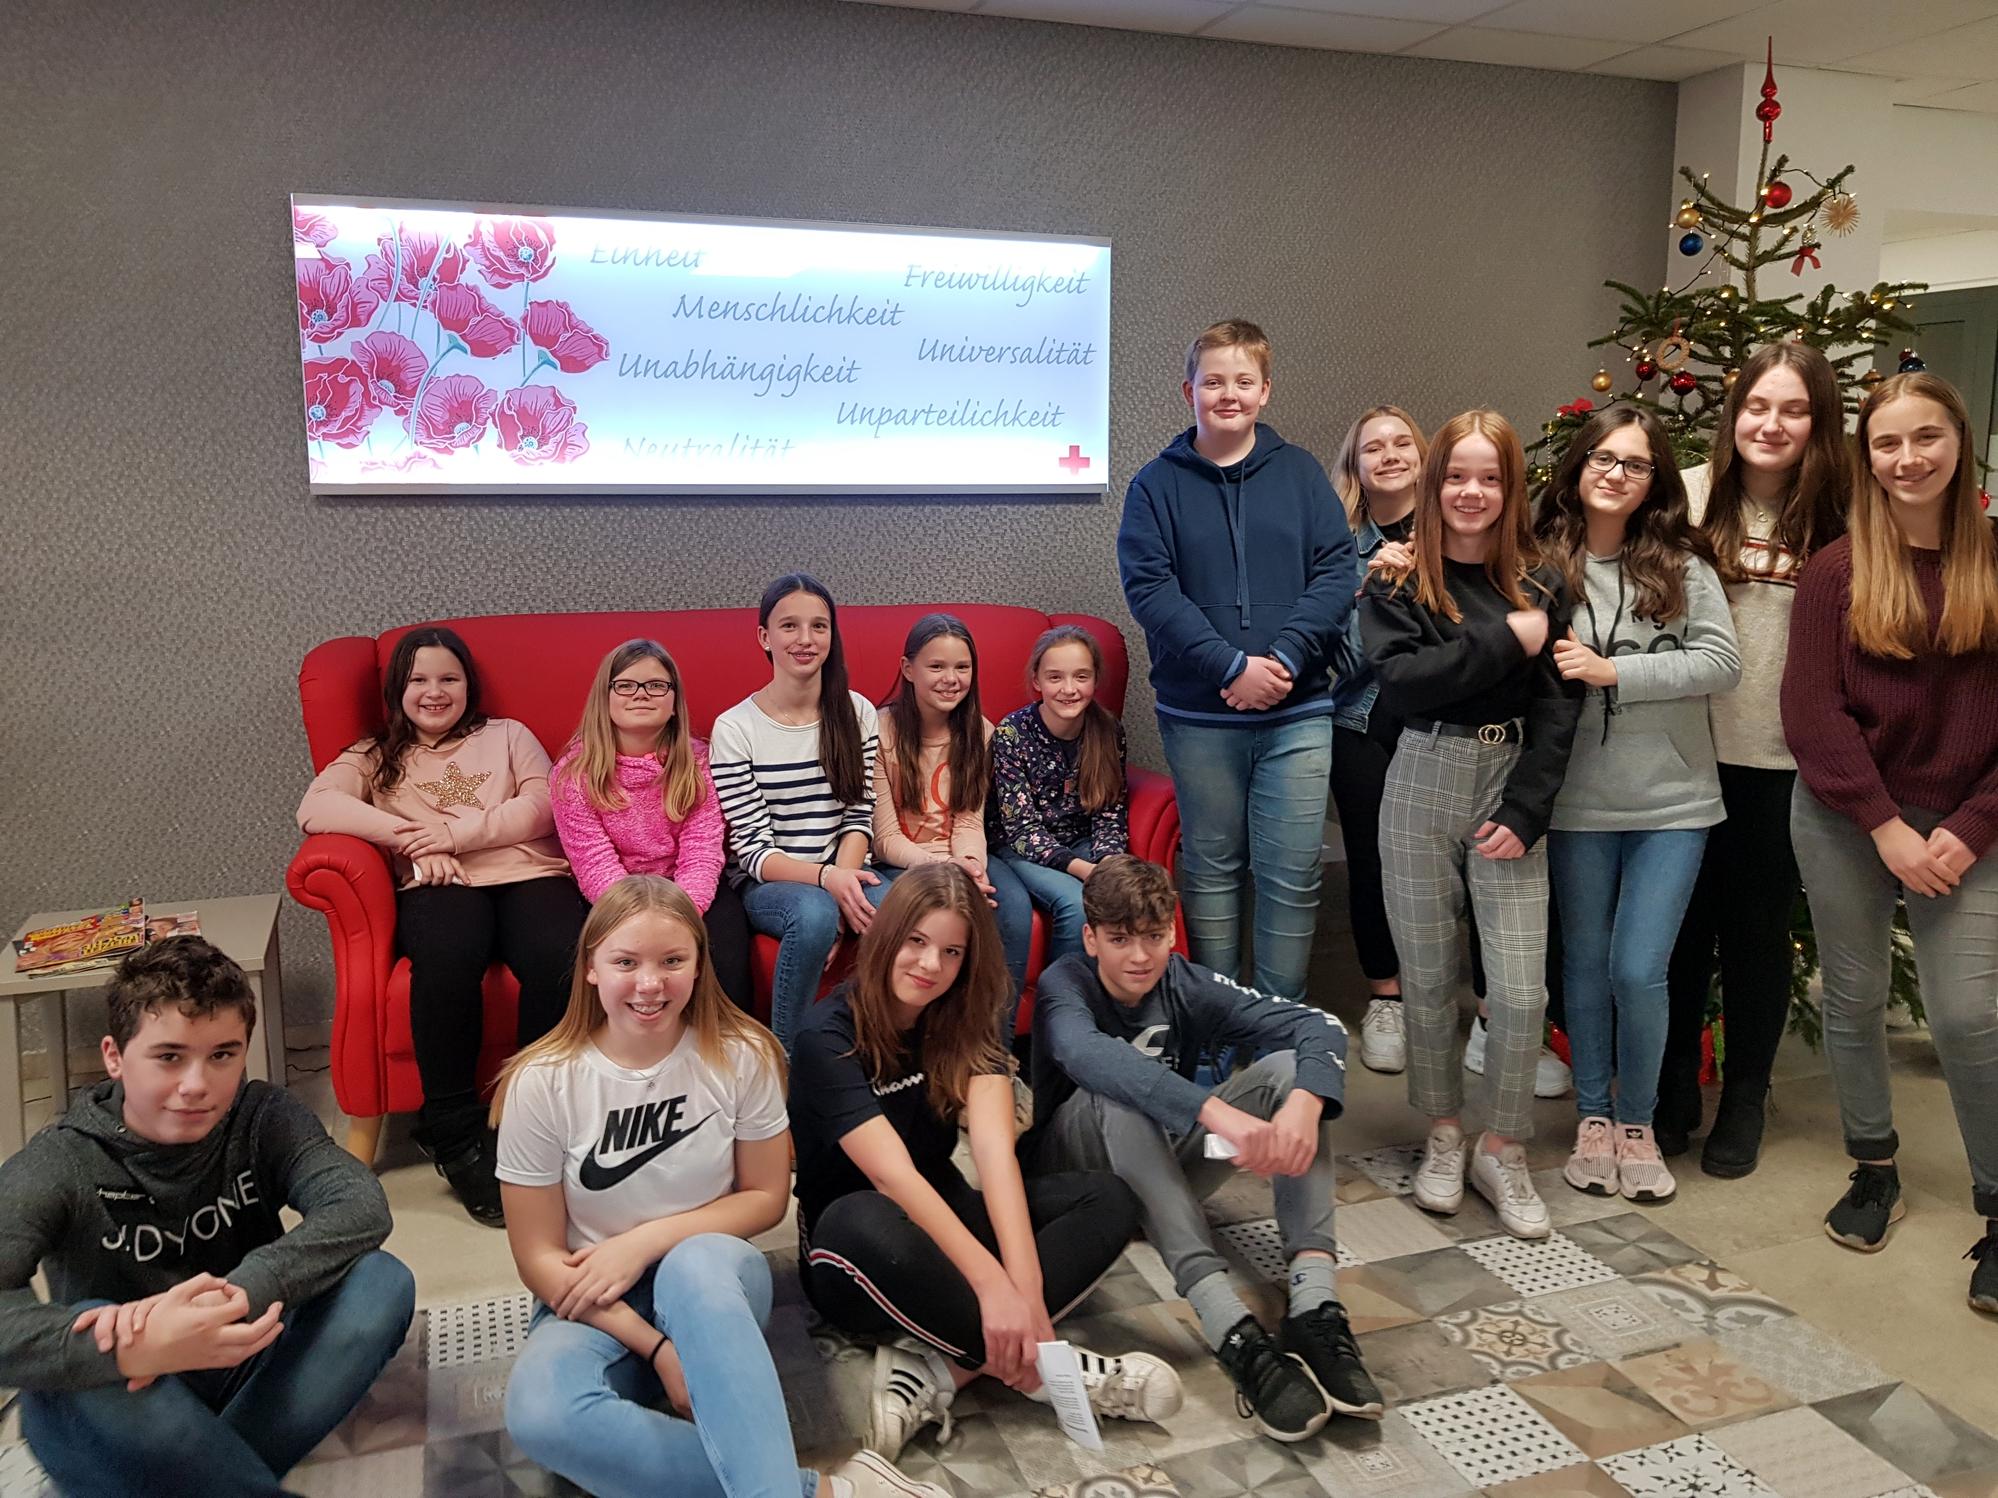 Silberkämper besuchen Weihnachtsfeier im Seniorenzentrum